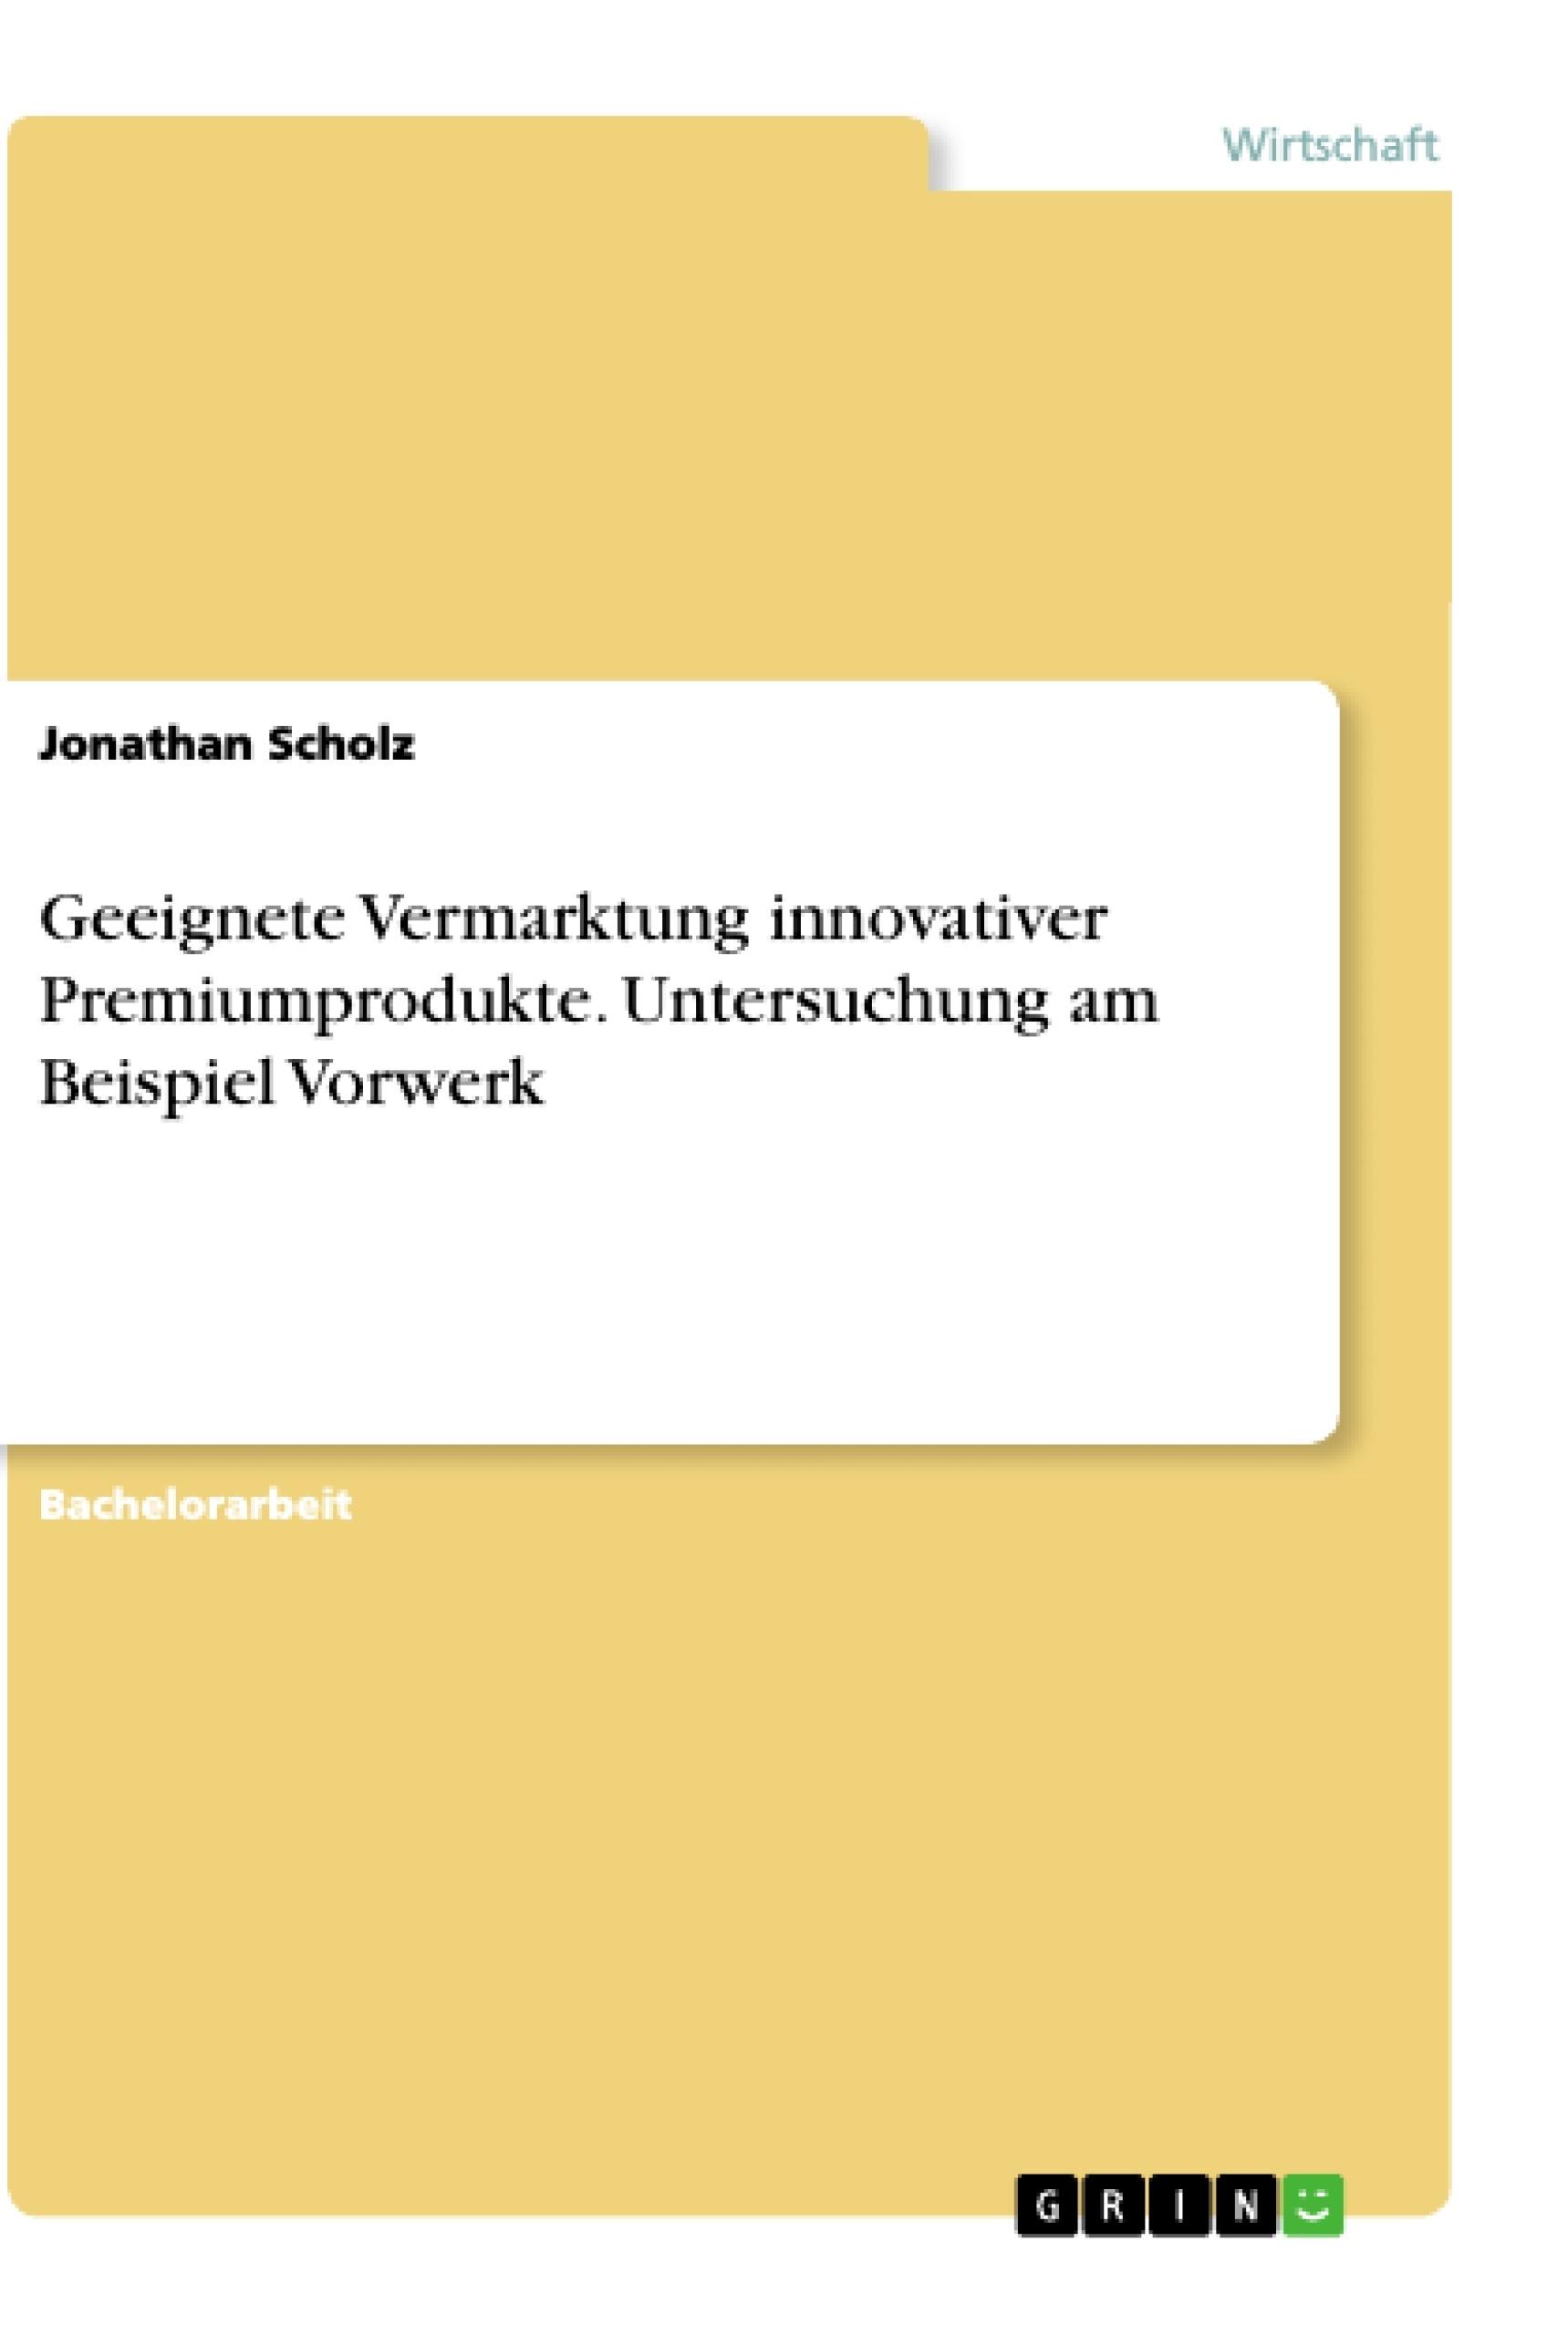 Titel: Geeignete Vermarktung innovativer Premiumprodukte. Untersuchung am Beispiel Vorwerk